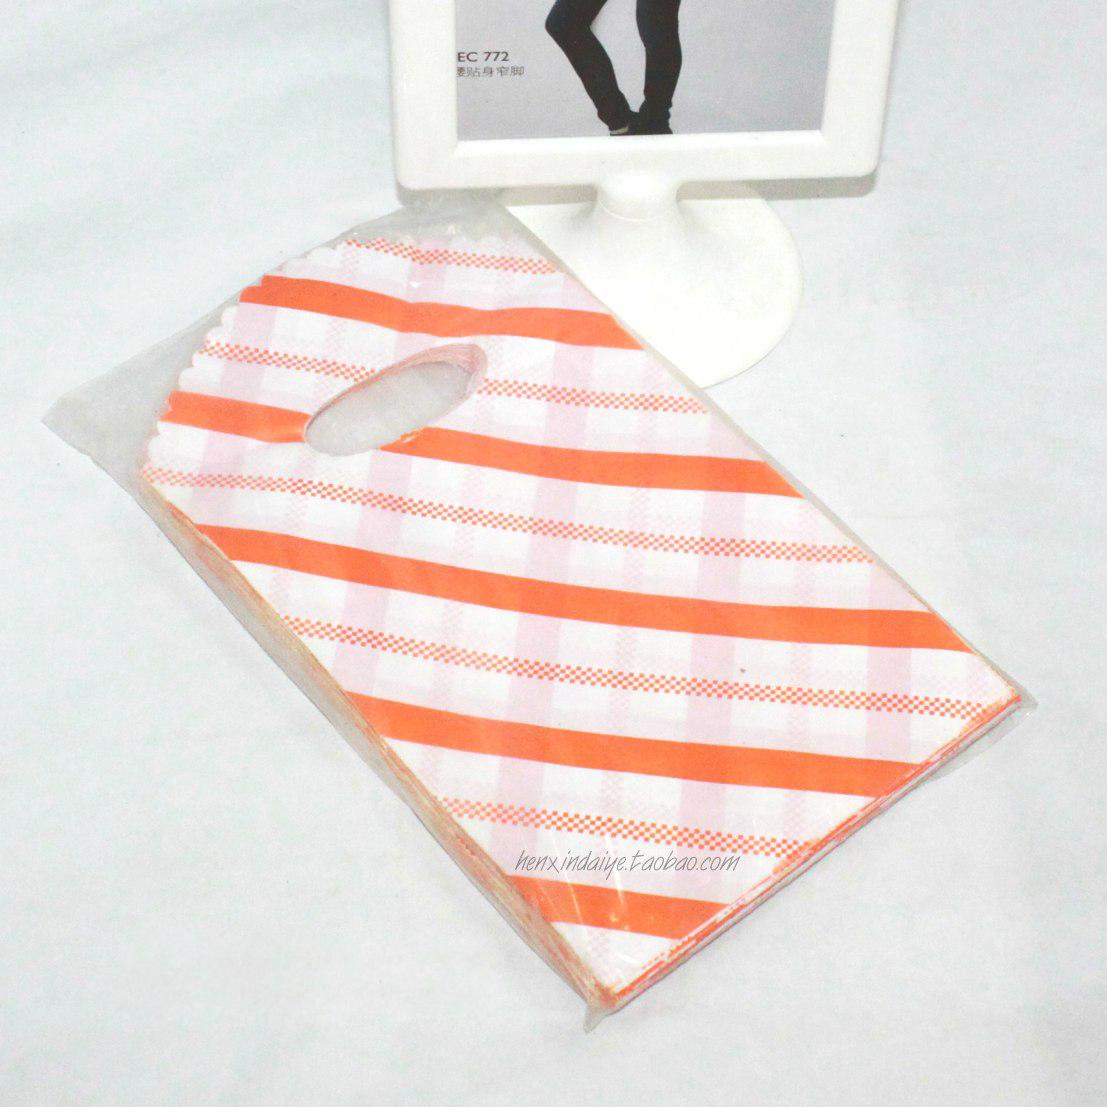 橙条精品袋 首饰品包装袋_包装袋设计